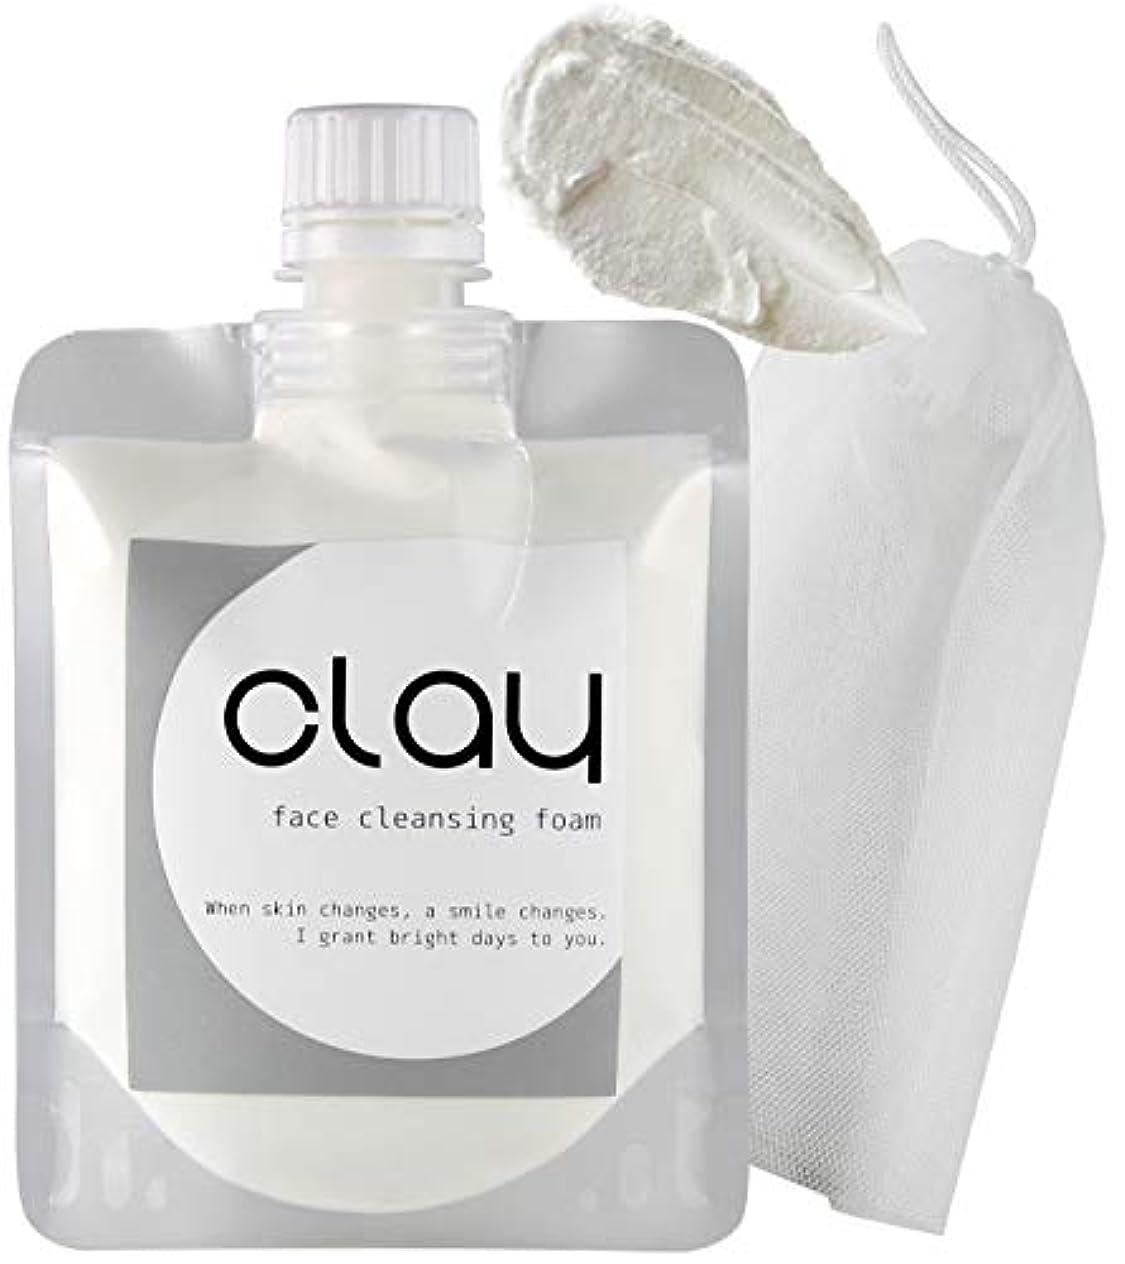 少数接続詞想定するSTAR'S クレイ 泥 洗顔 オーガニック 【 毛穴 黒ずみ 開き ザラ付き 用】「 泡 ネット 付き」 40種類の植物エキス 16種類の美容成分 9つの無添加 透明感 柔肌 130g (Clay)